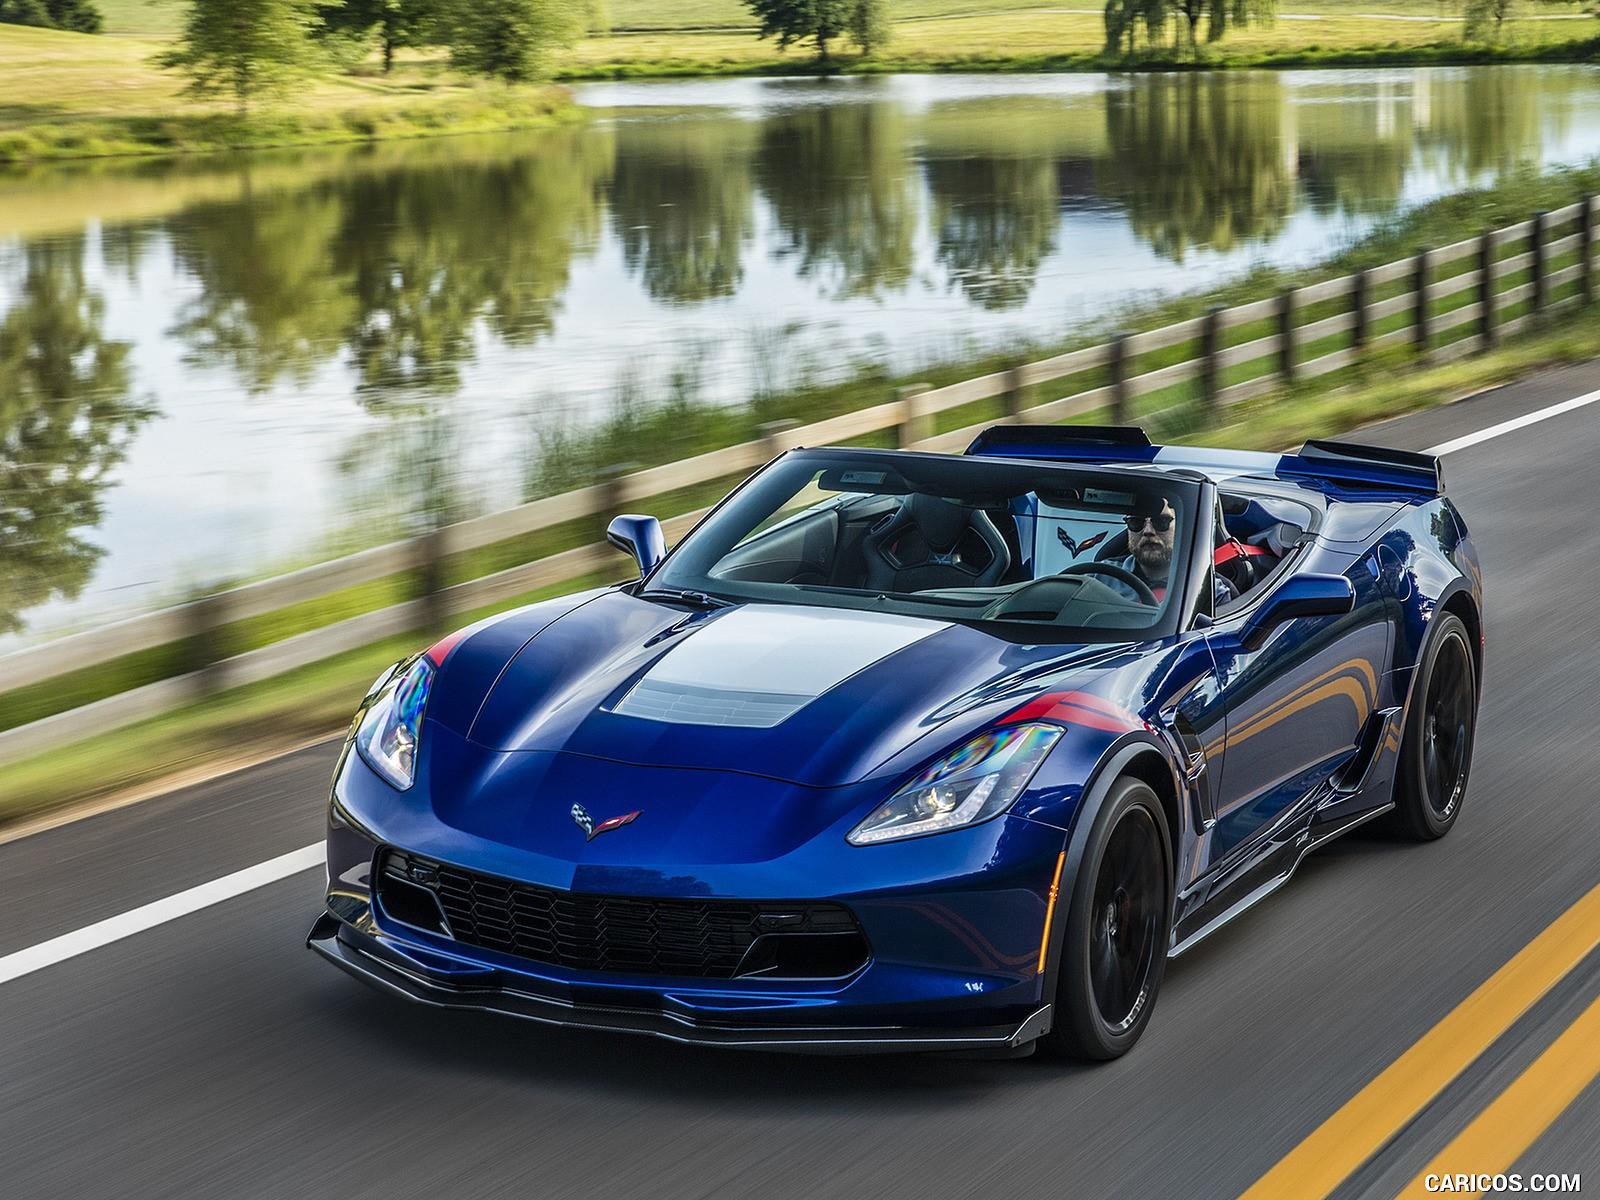 2017 Chevrolet Corvette Grand Sport blue